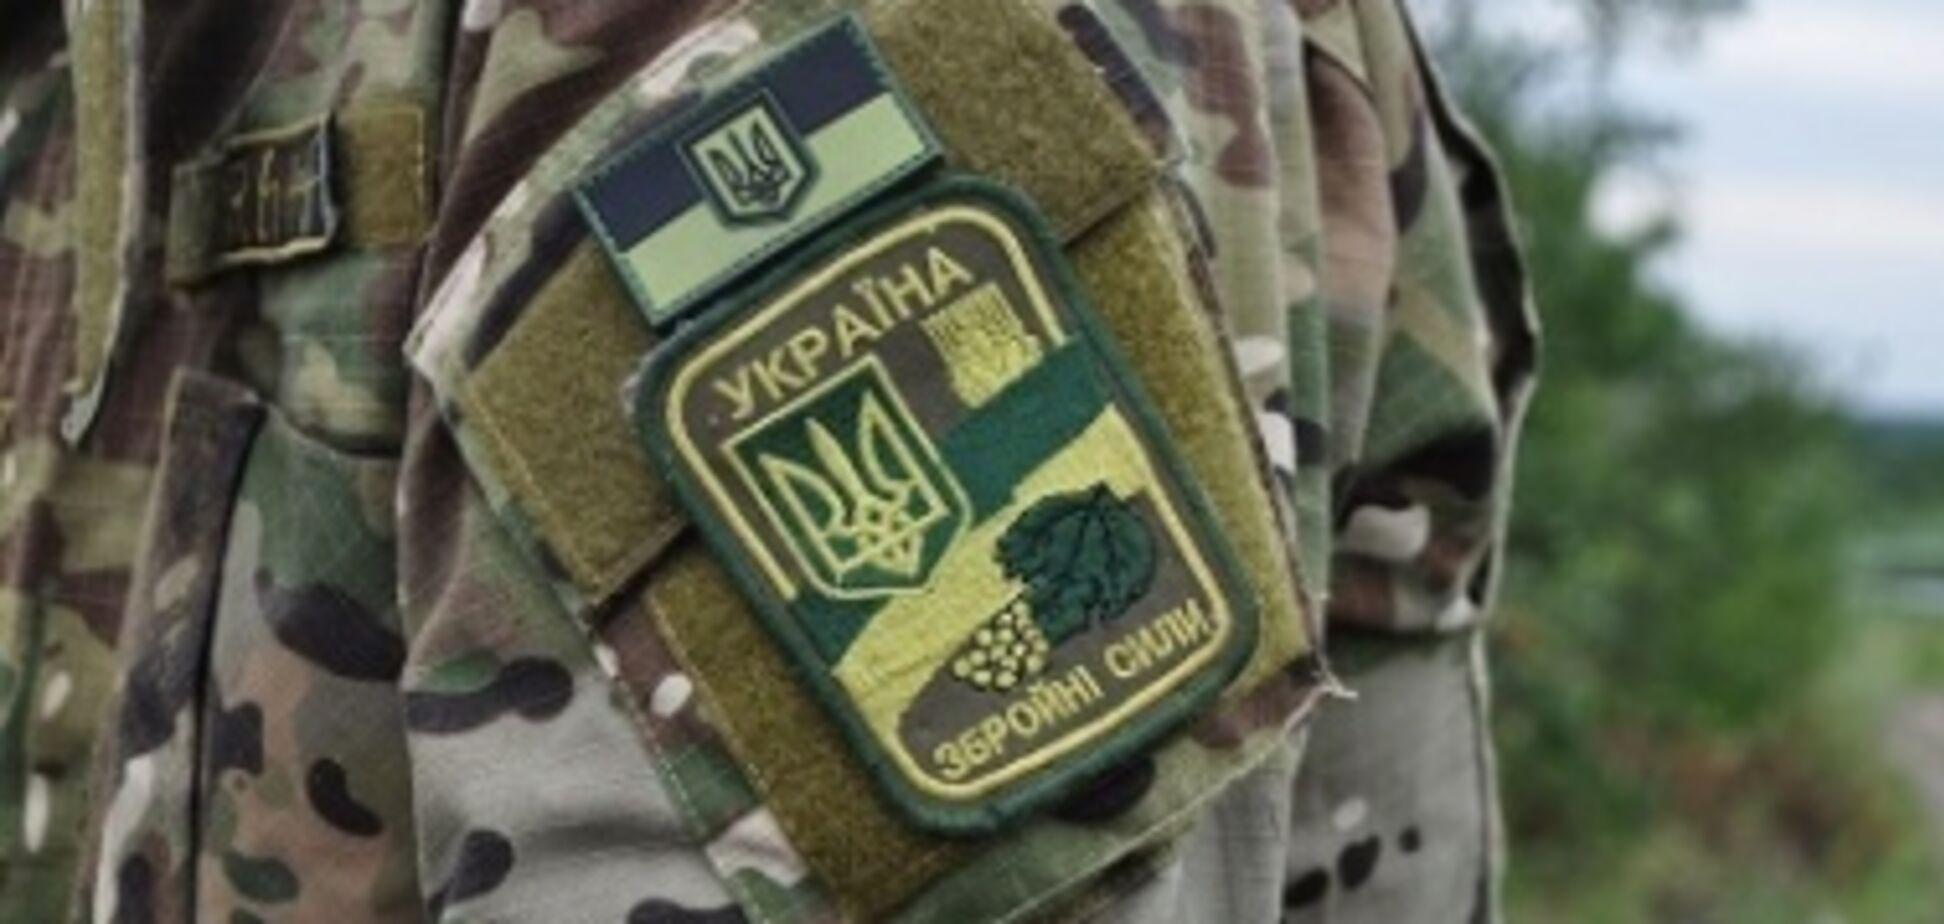 Мільйонні втрати: в Україні військову компанію підозрюють у розтраті держкоштів